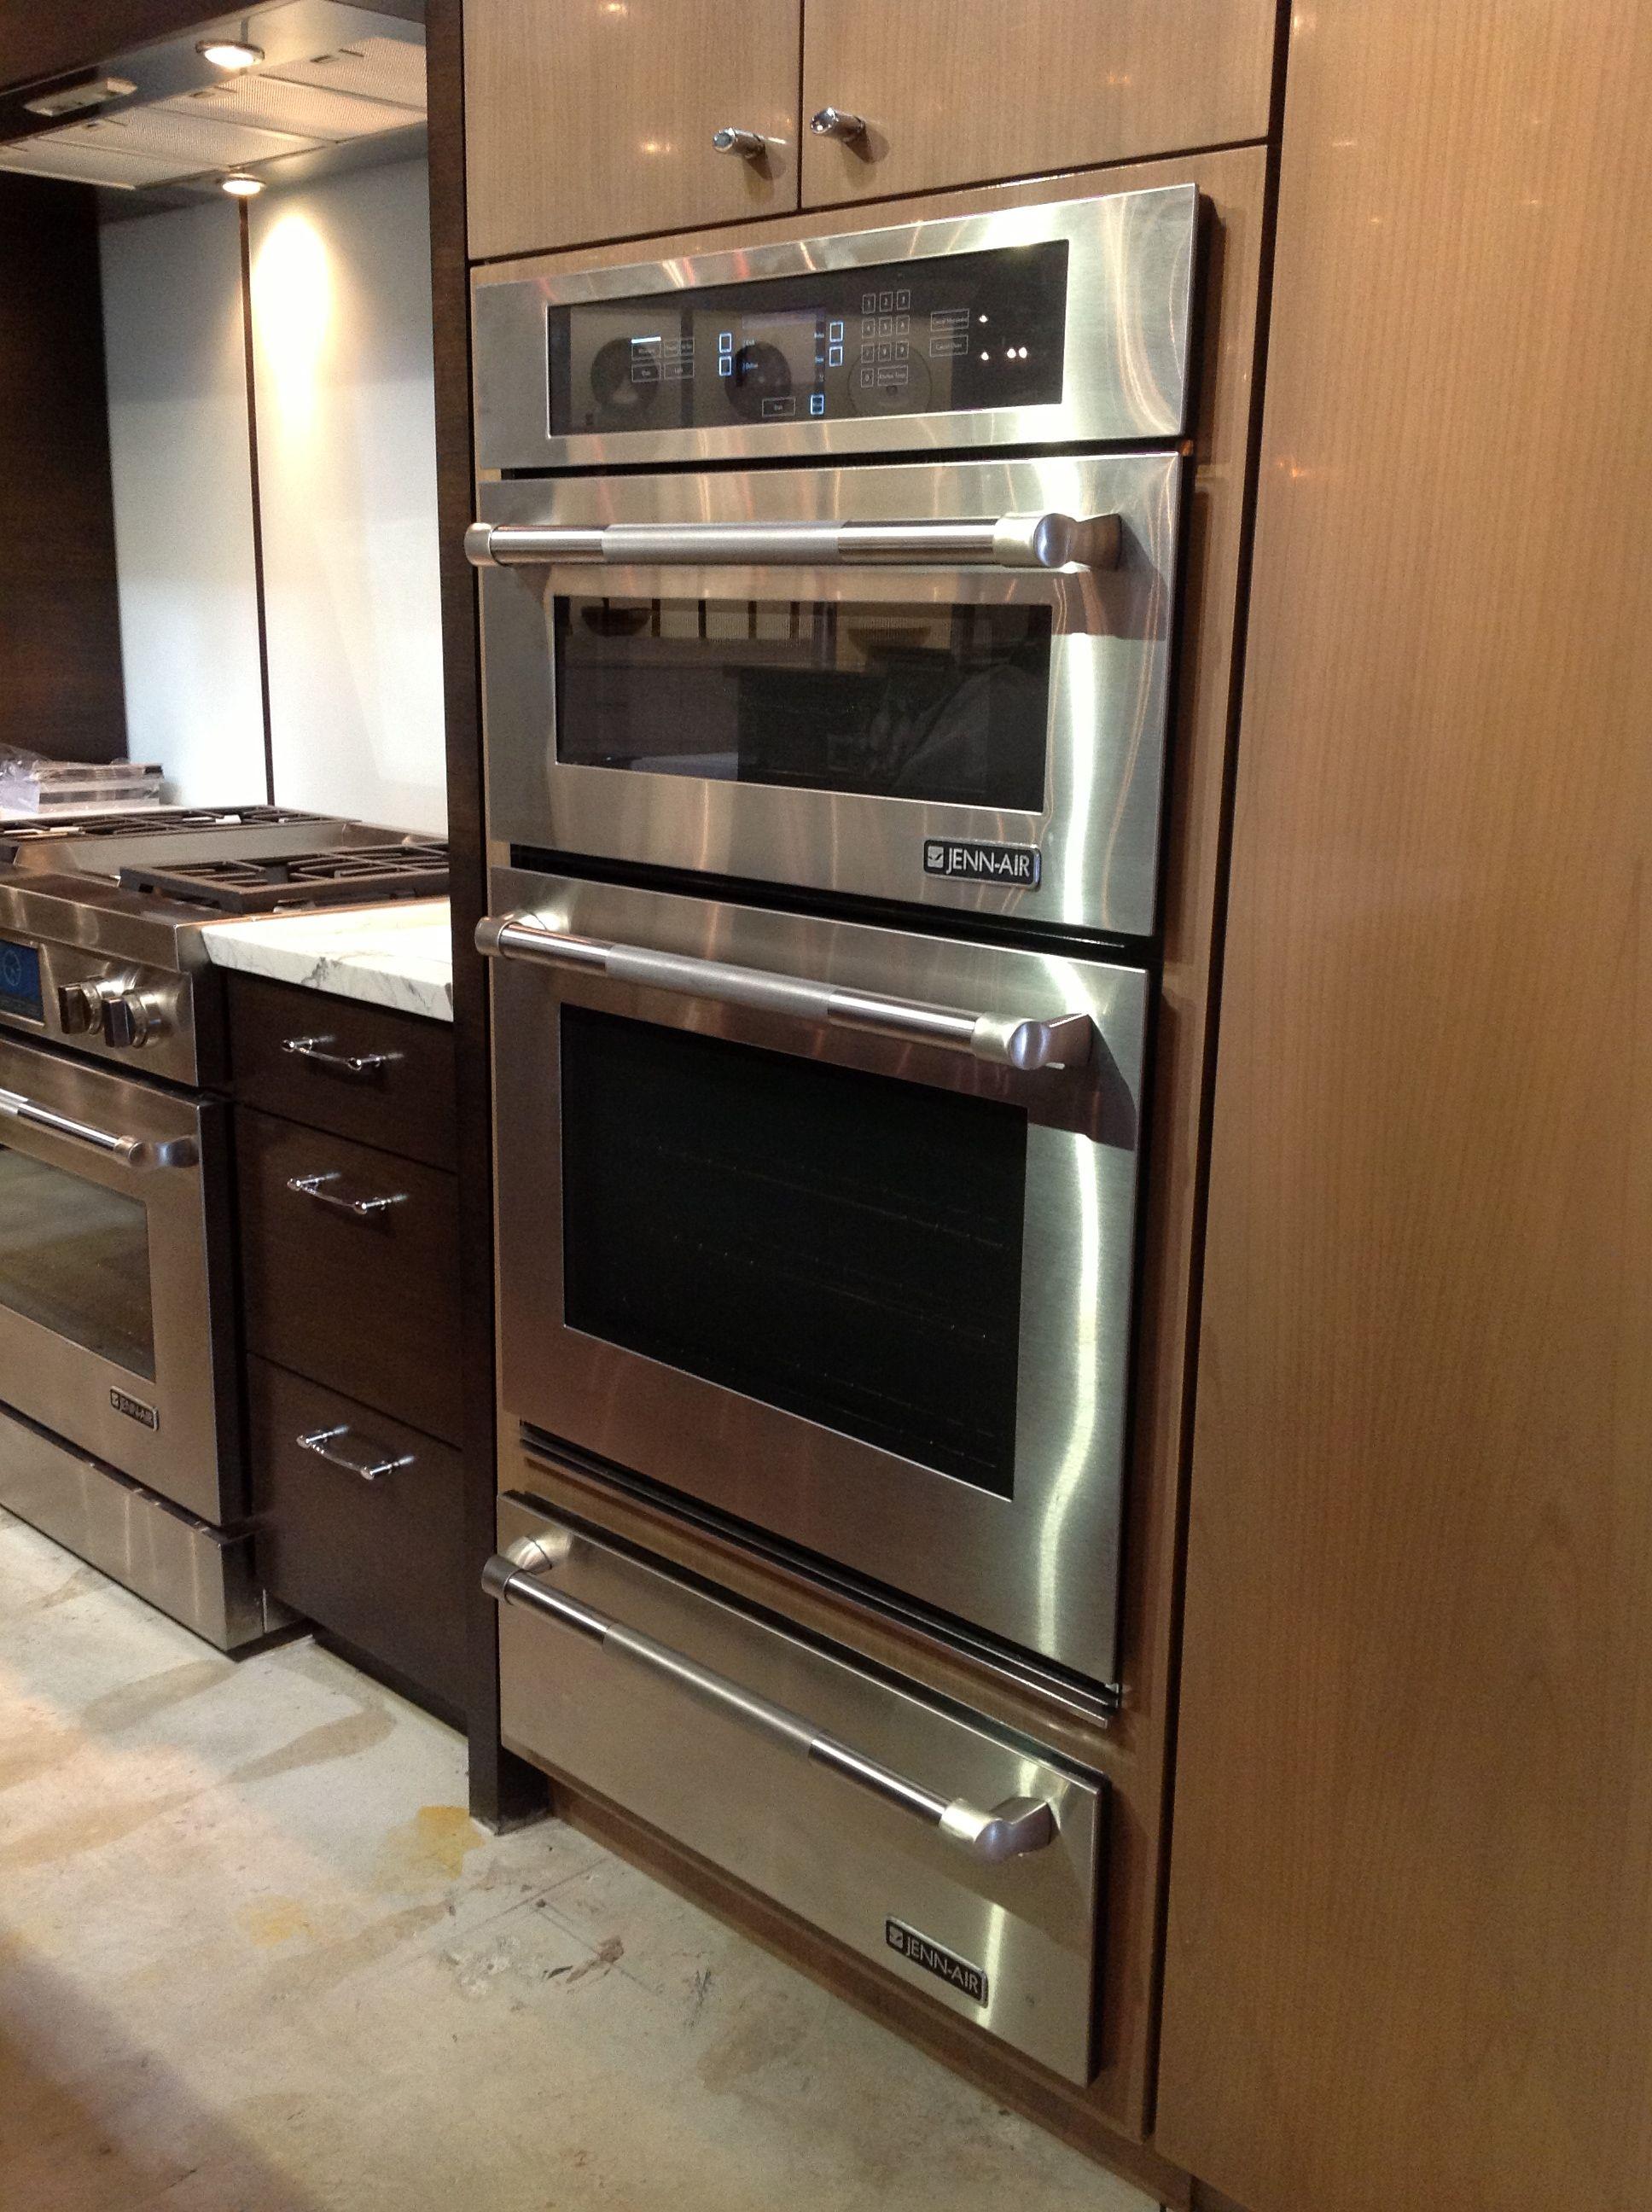 jenn air kitchen appliance set